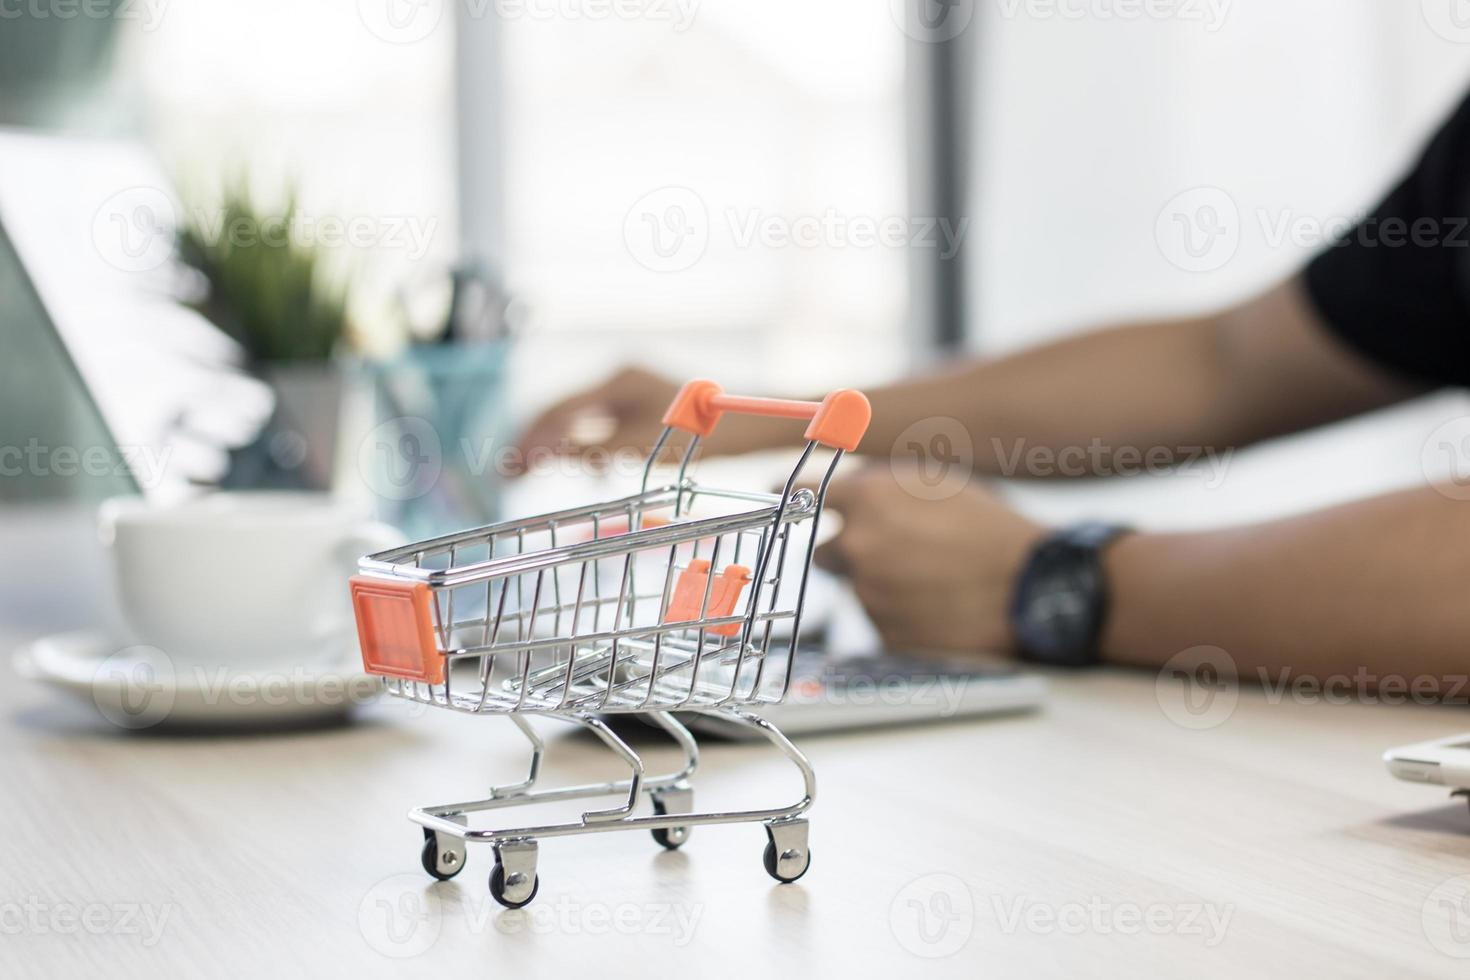 winziger Einkaufswagen auf einem Schreibtisch foto